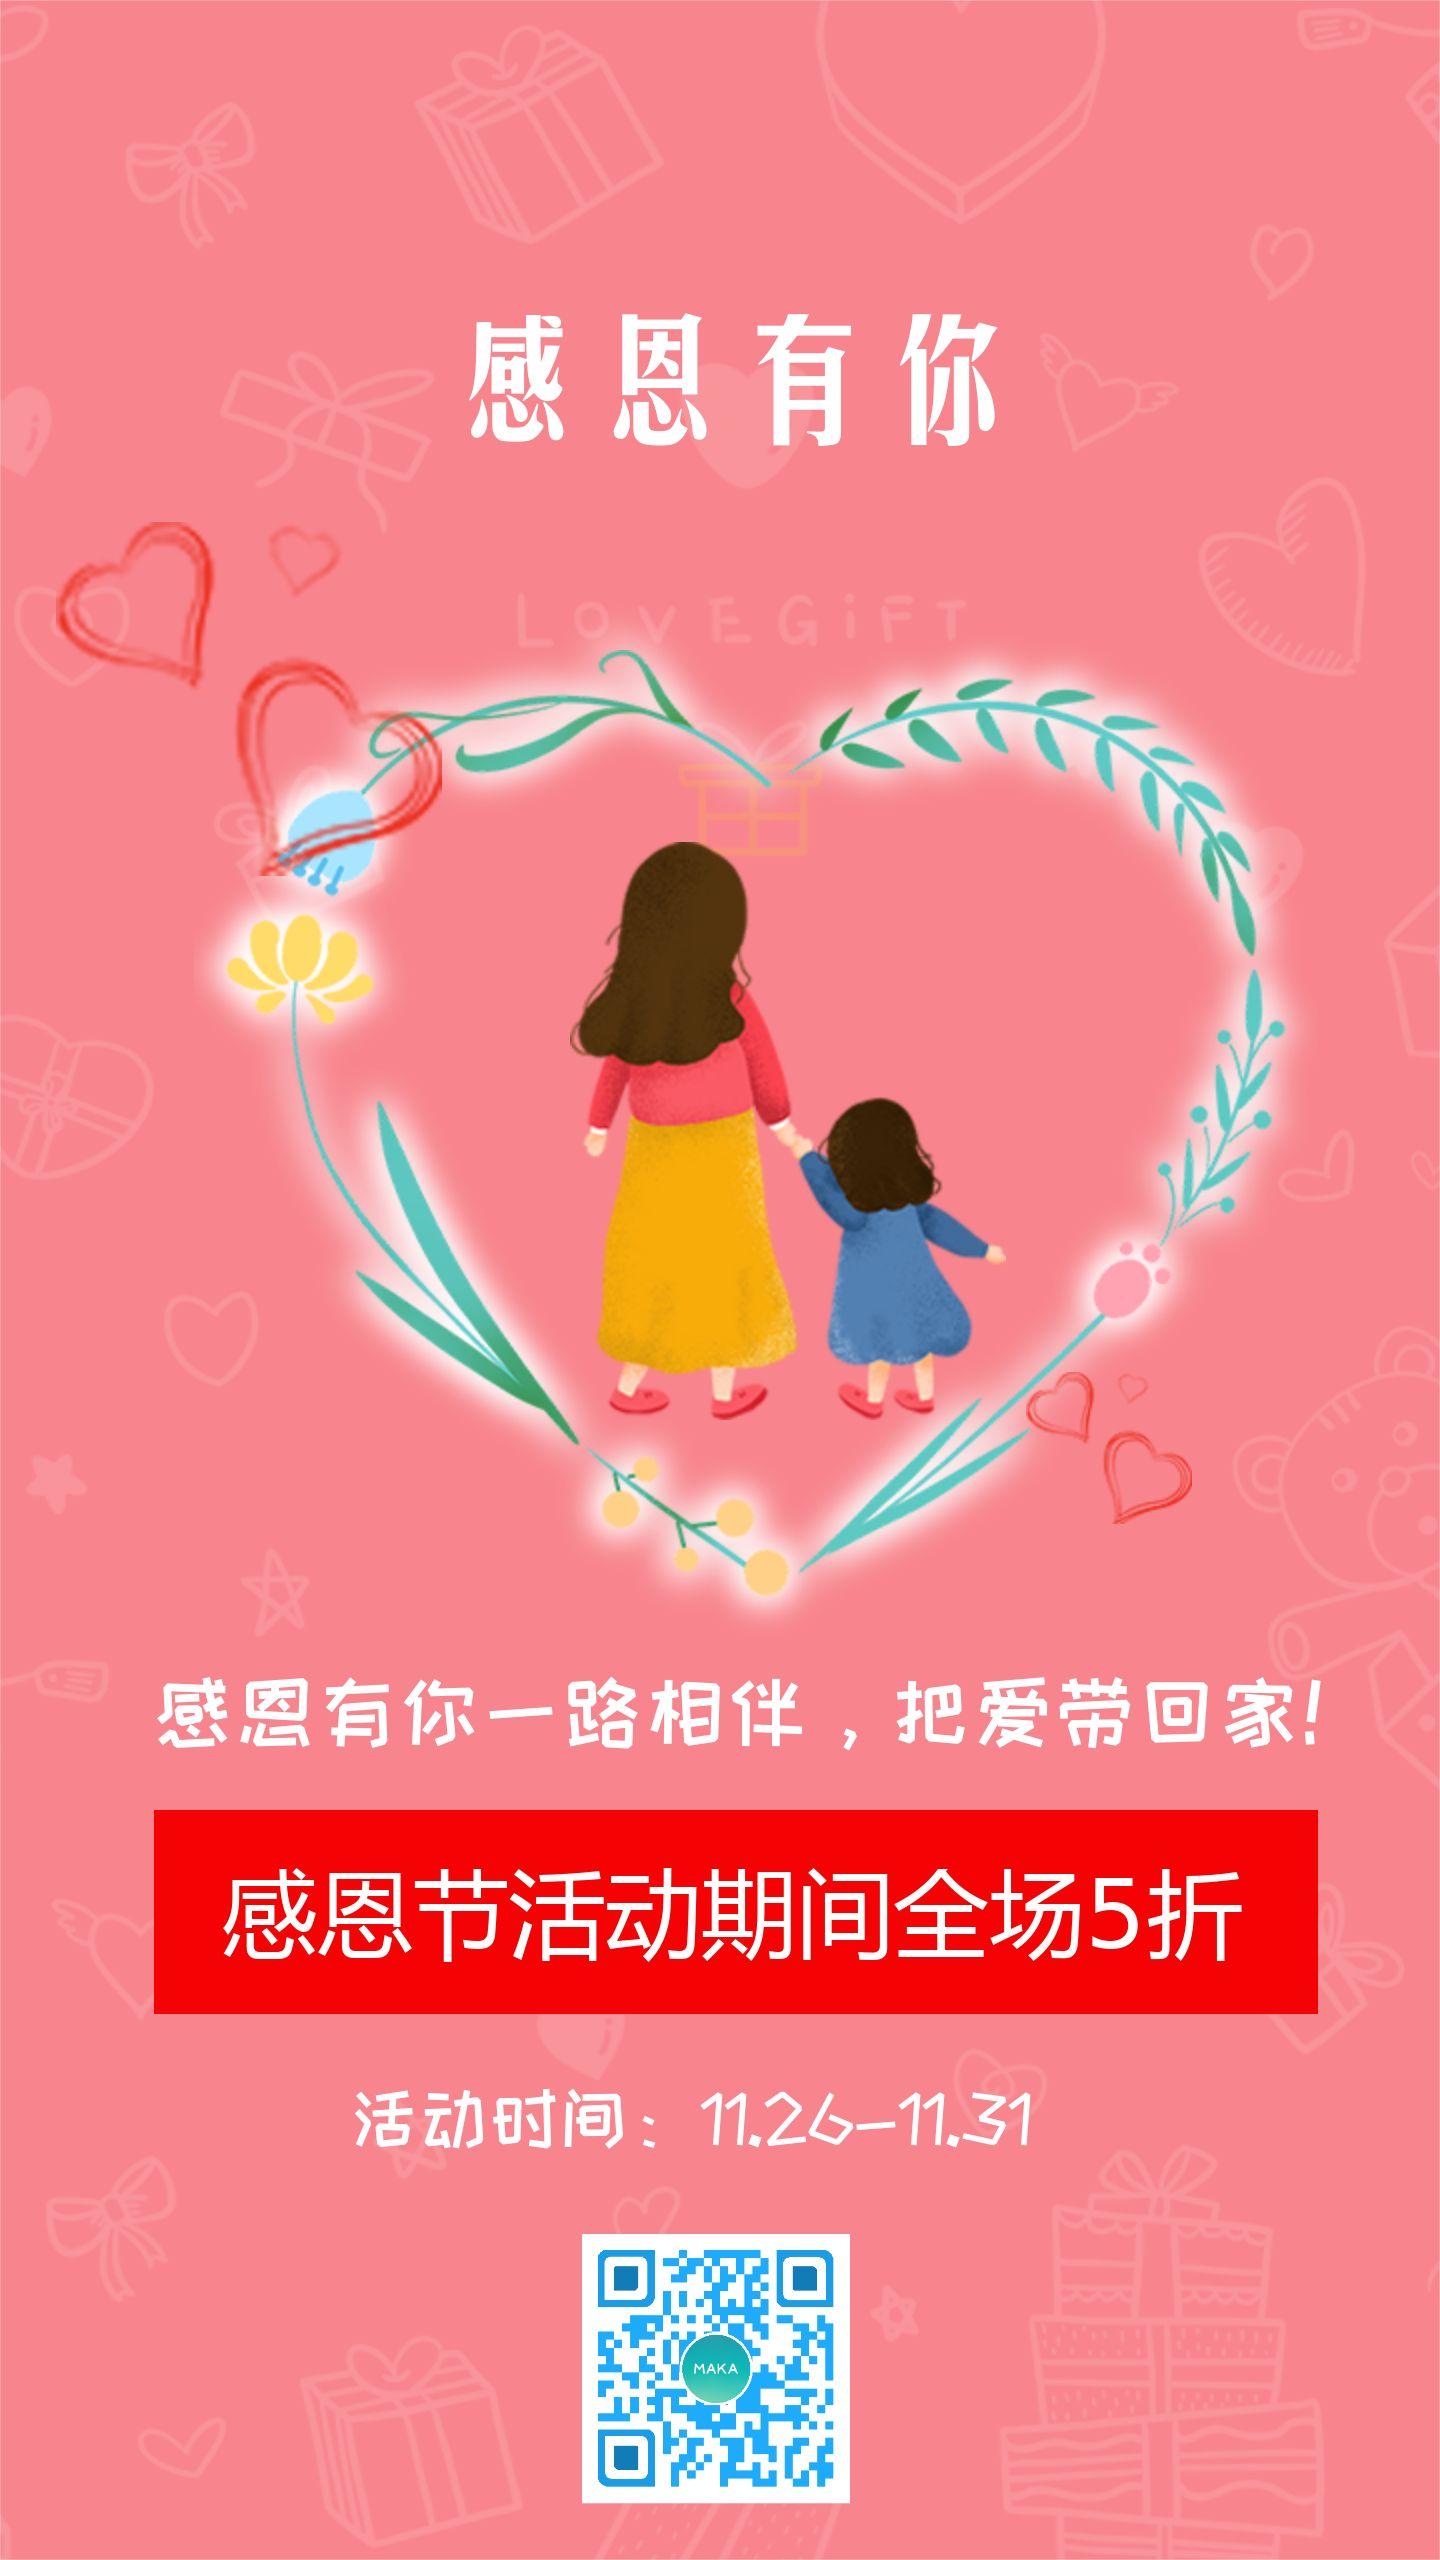 简约卡通感恩节促销活动宣传海报